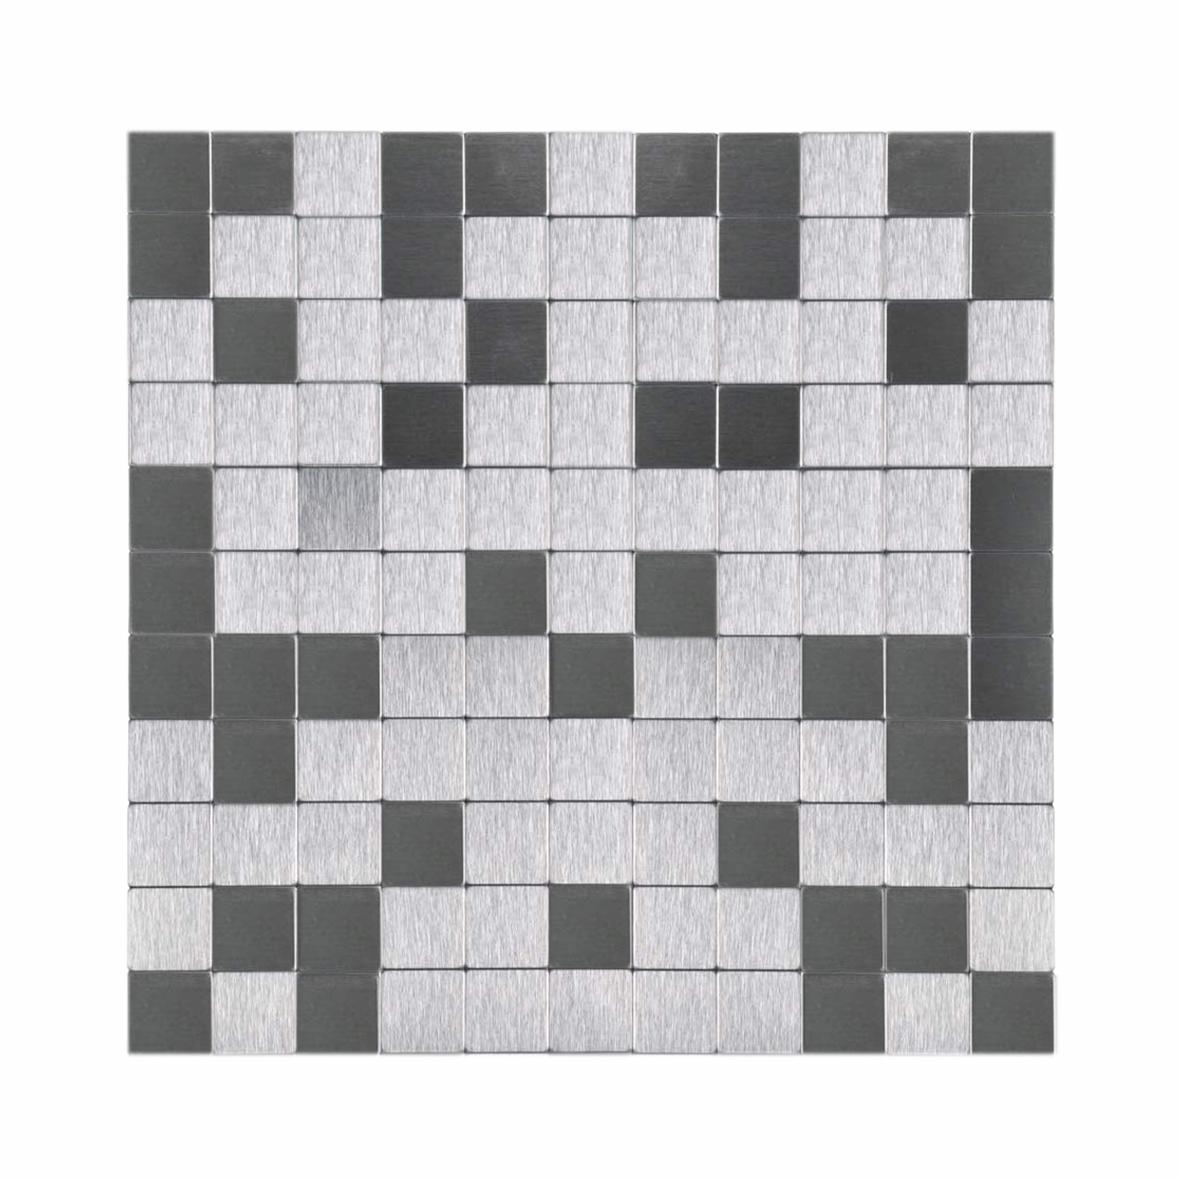 master menards backsplash tile for wall decoration sticker buy master menards backsplash tile wall decoration sticker product on alibaba com